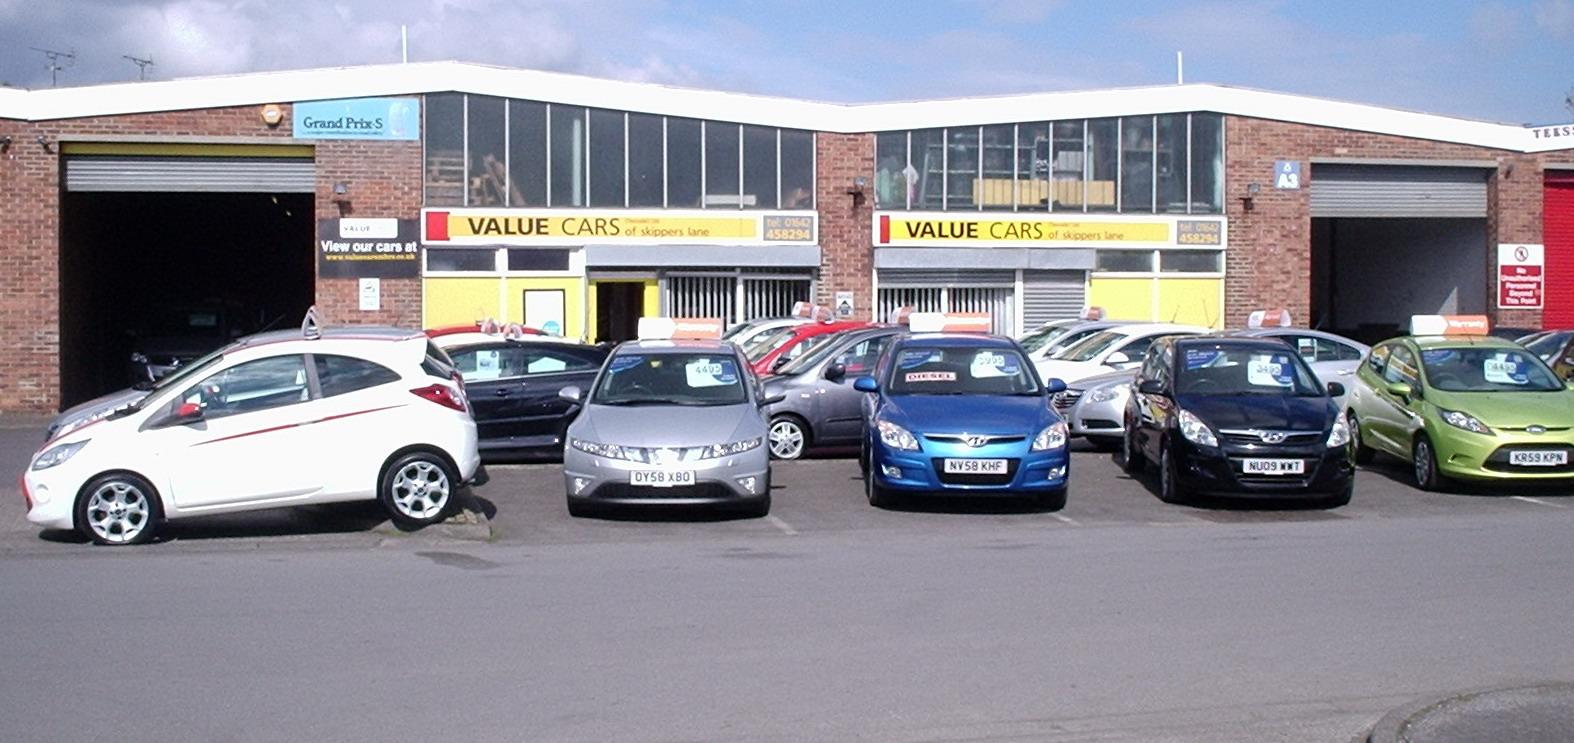 Value Cars Of Skippers Lane, Middlesbrough | Car Dealer Reviews